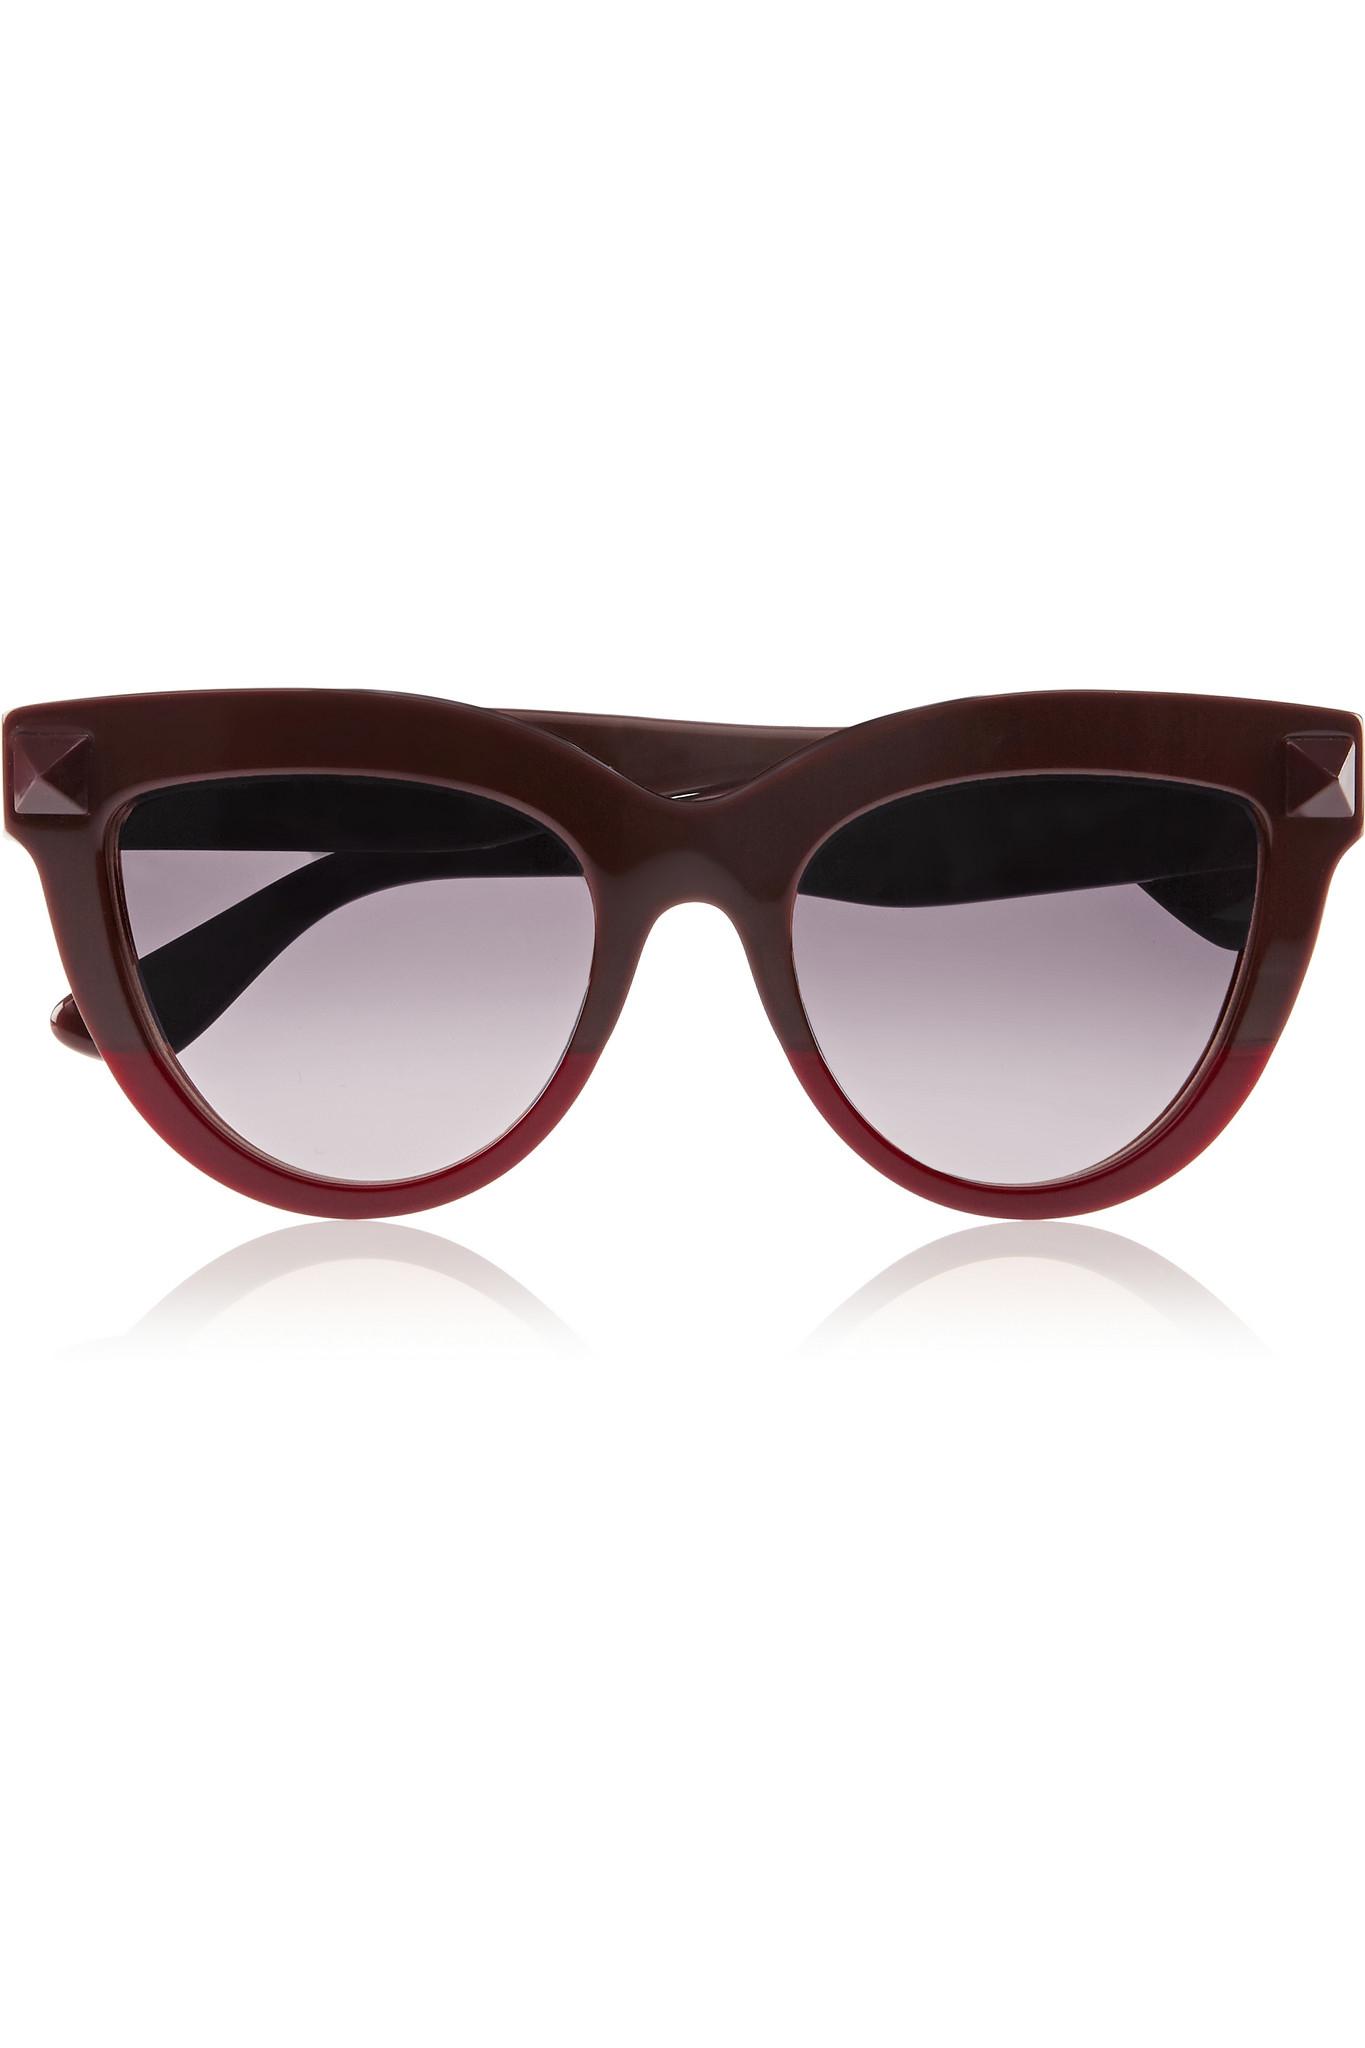 a03fdf2bc50 Valentino Sunglasses Case